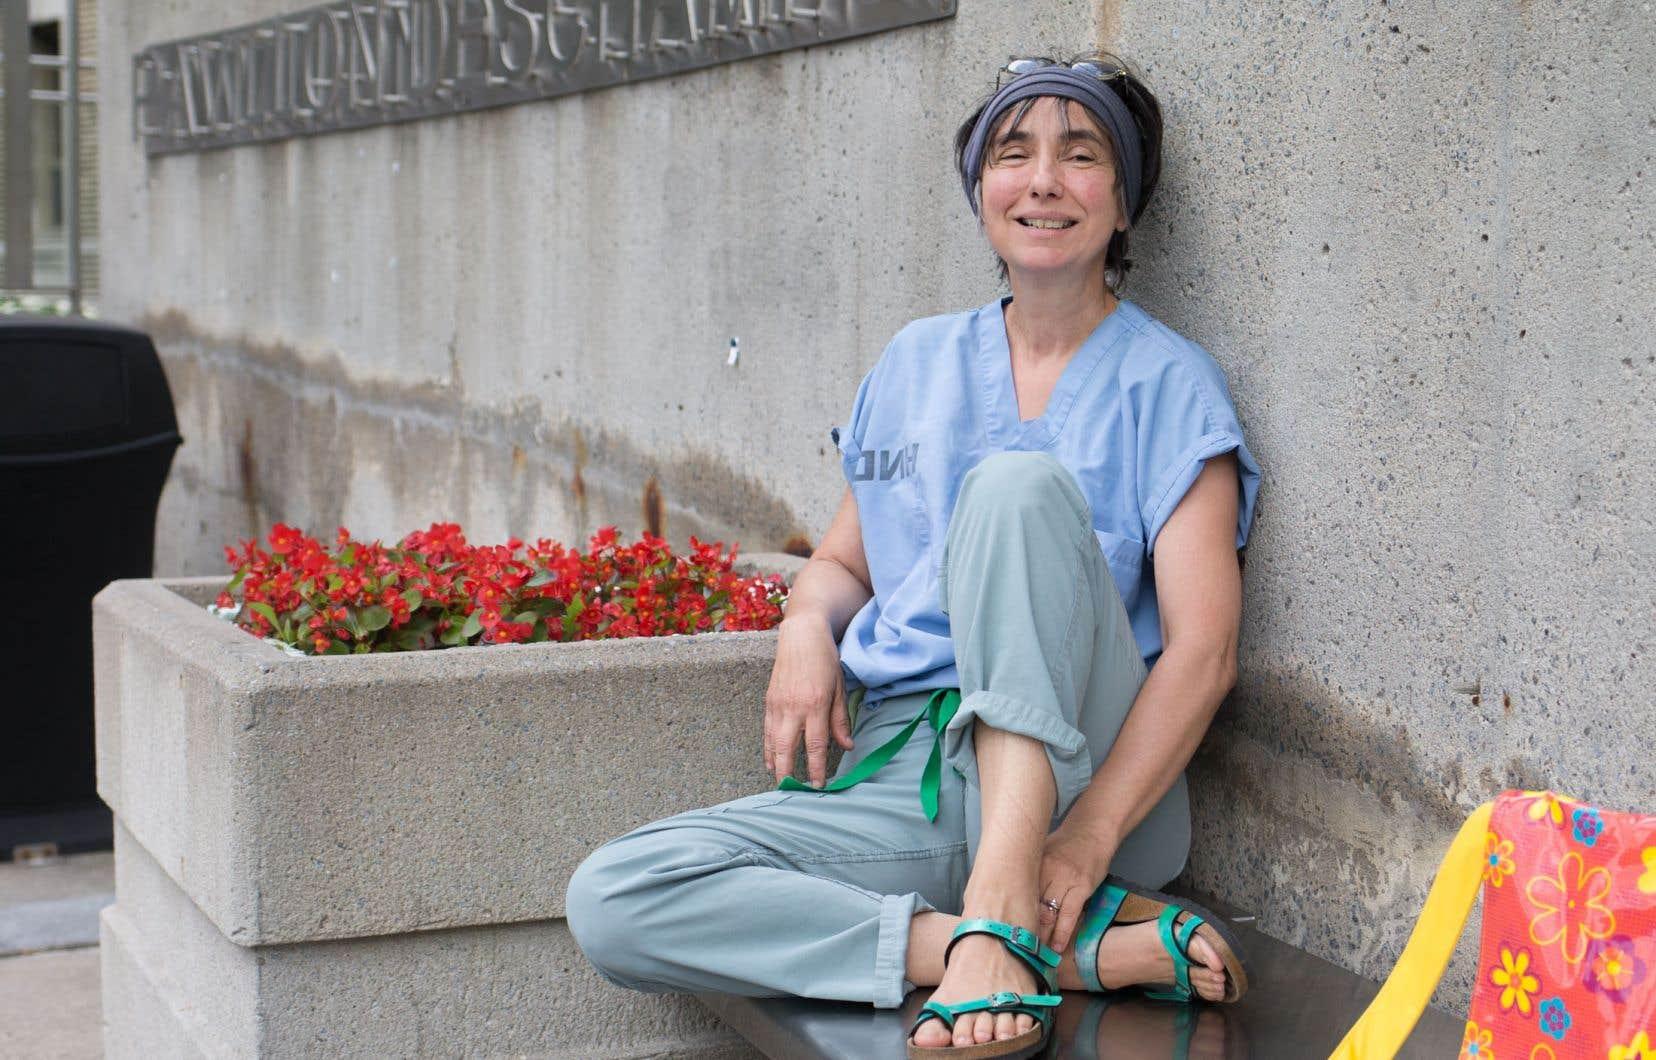 Suzanne Myre donne vie à une panoplie de héros touchants et marginalisés.